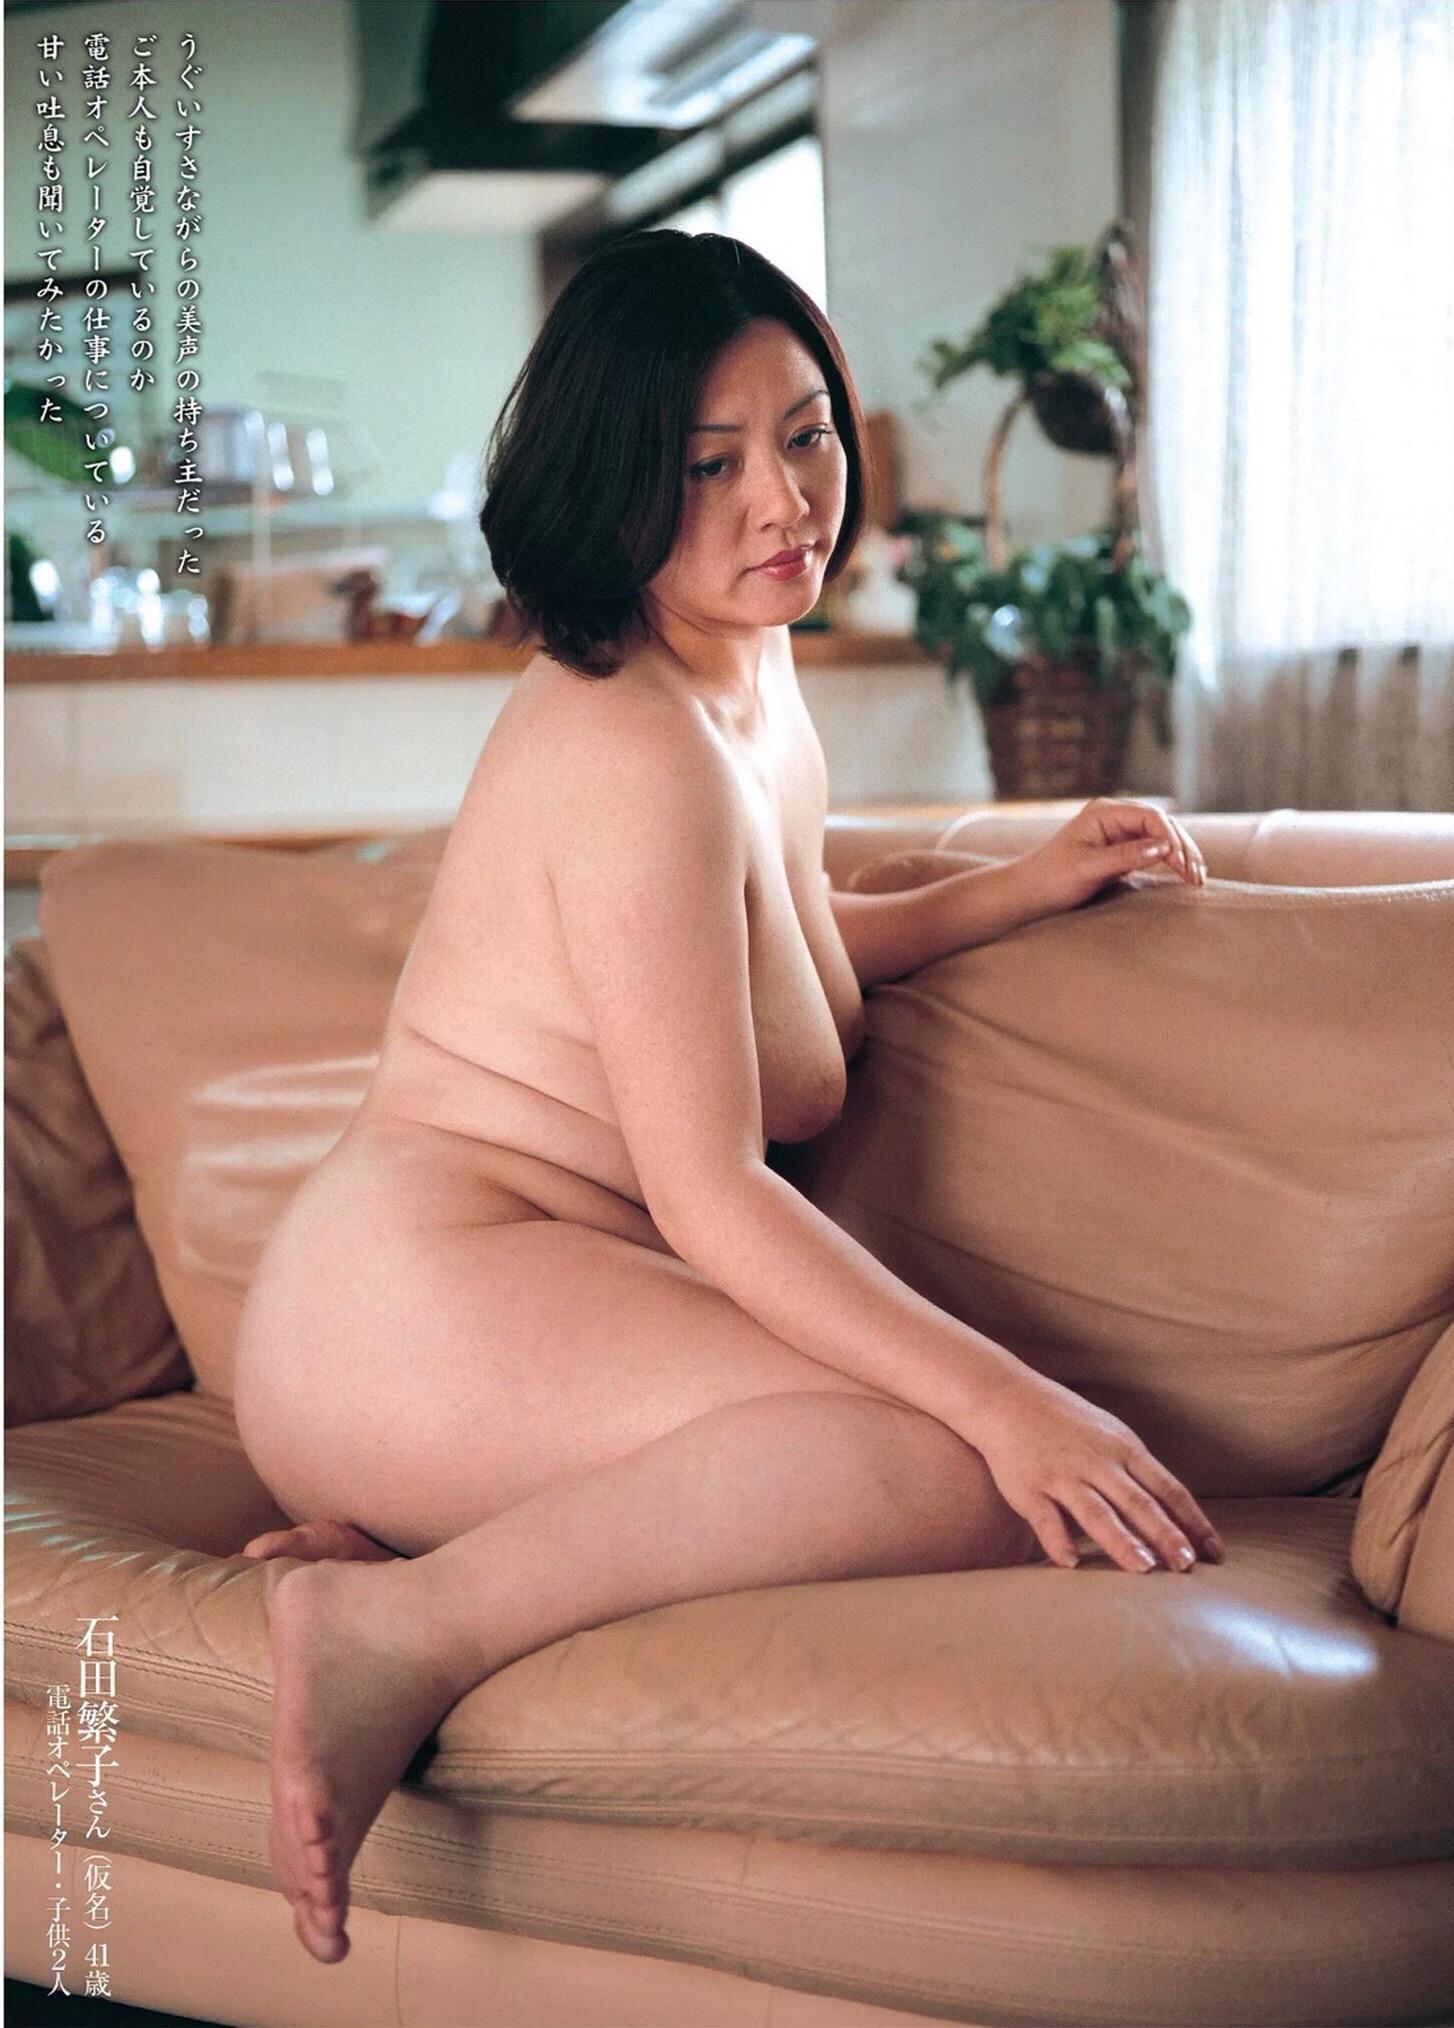 富士出版 熟女ヌード画像水野聰子